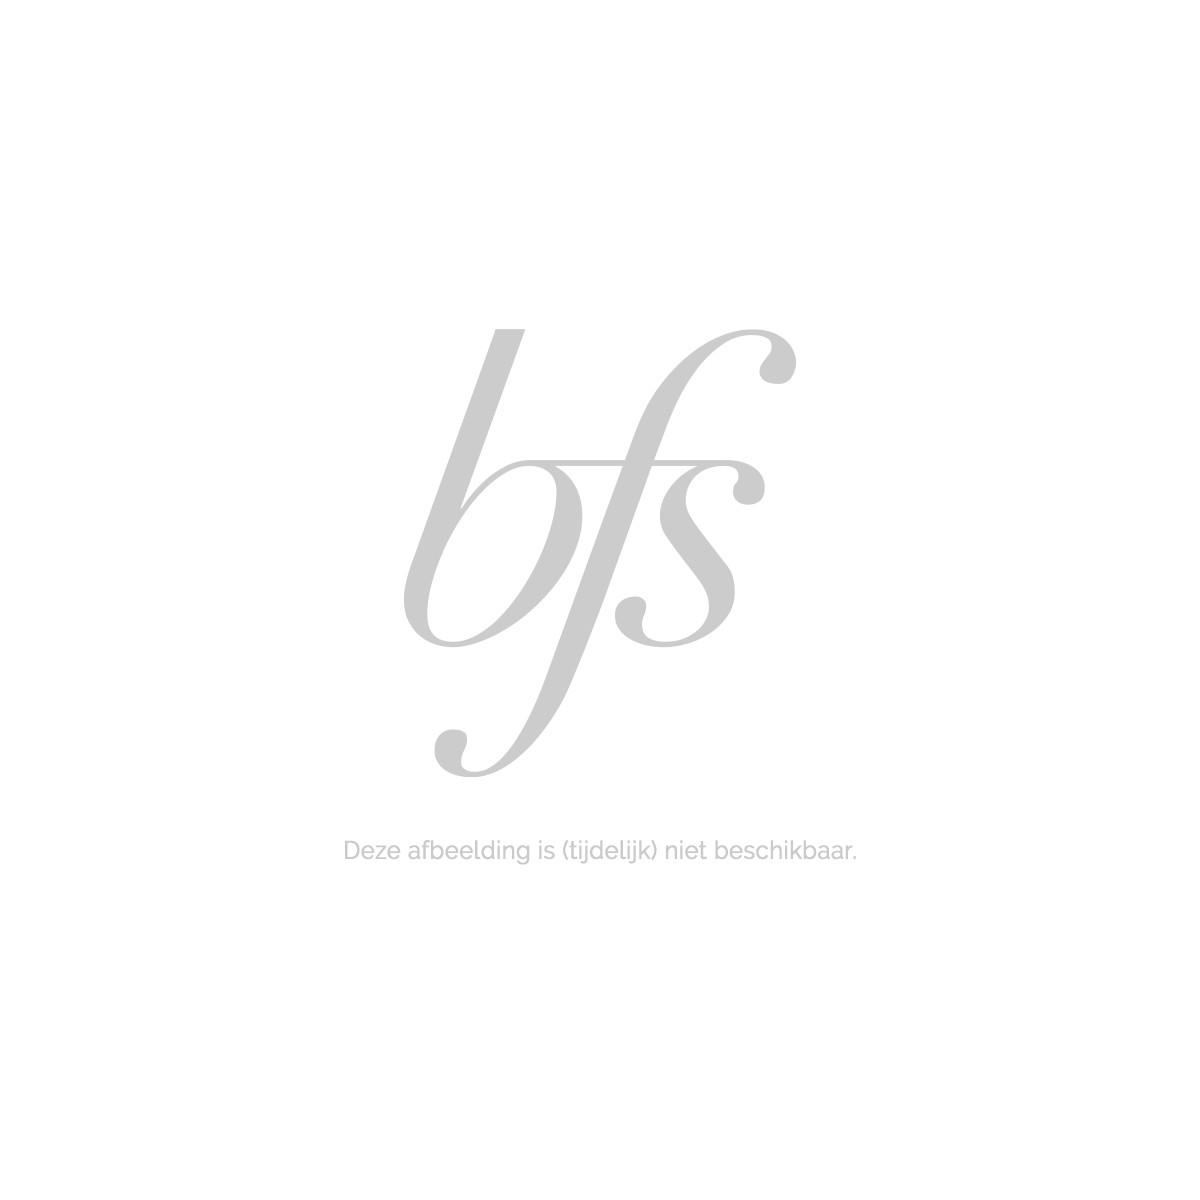 Bourjois Mascara Volume Glamour Push Up Black Serum